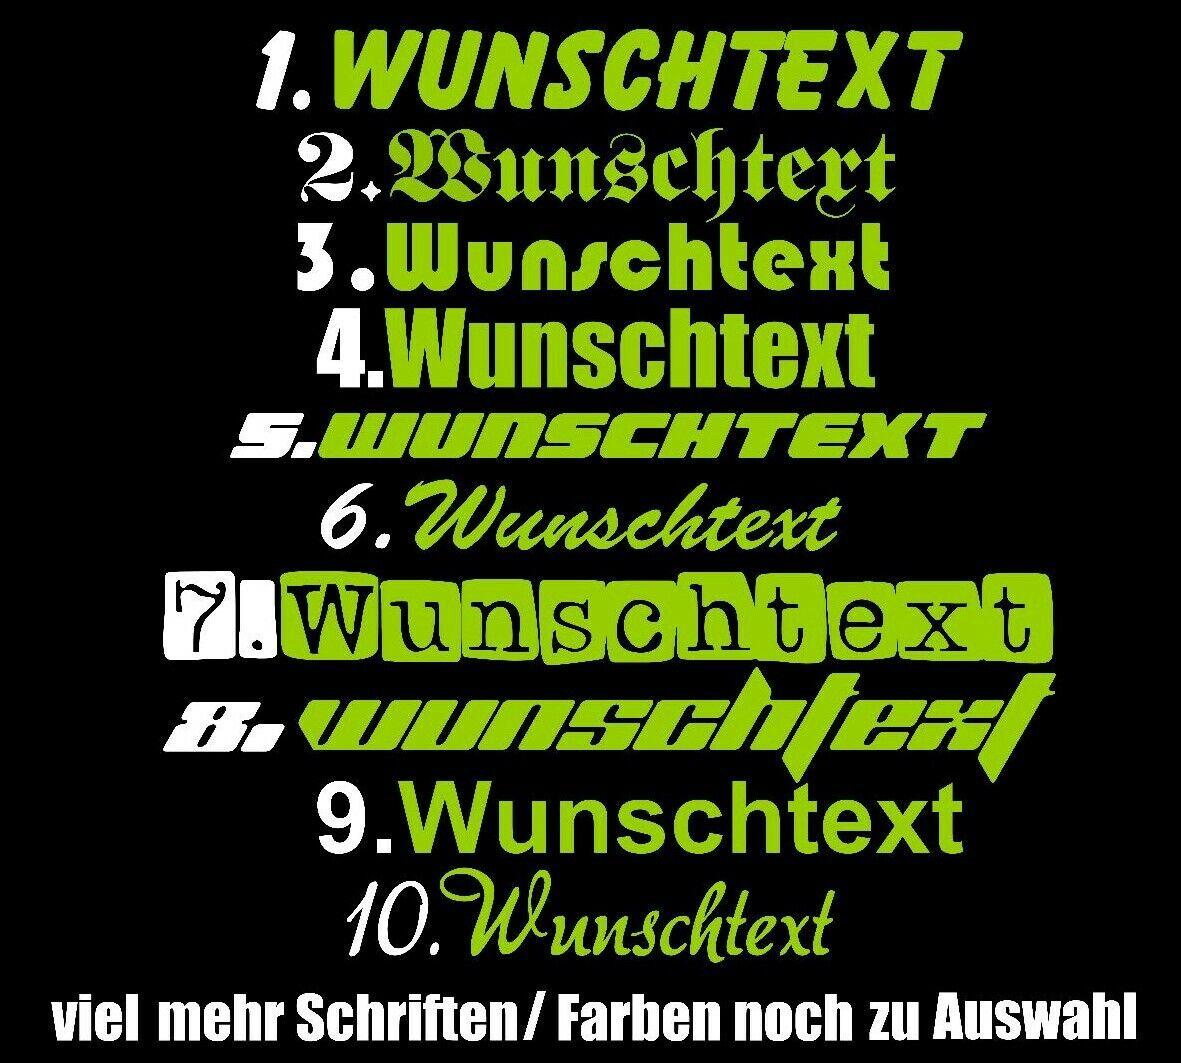 15cm Wunschtext Name Aufkleber Schriftzug Schrift Geburtstag selbst gestalten TV